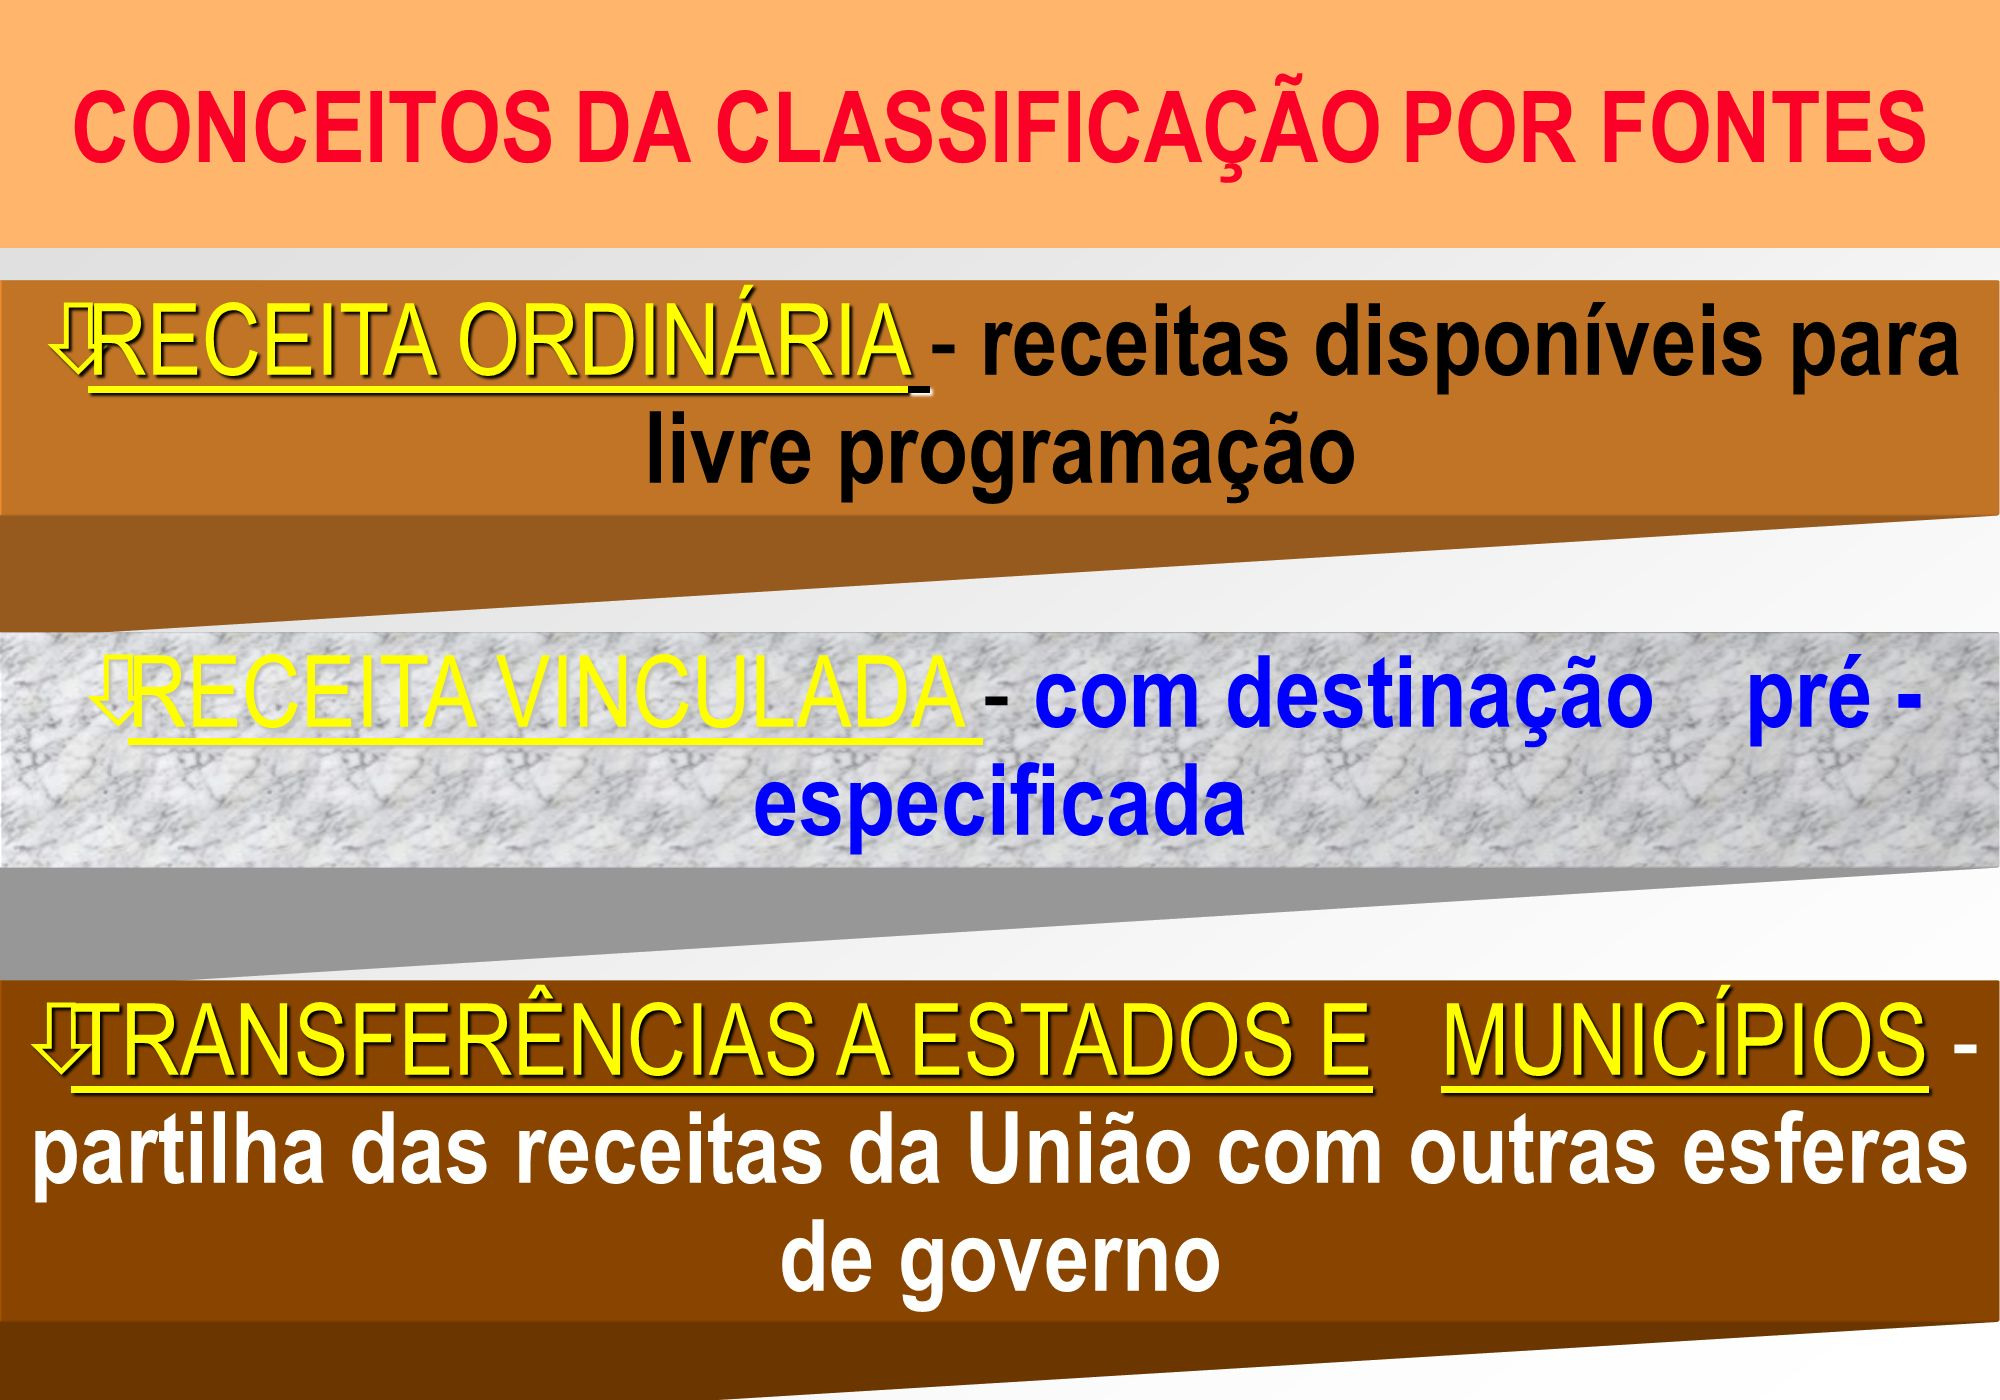 CONCEITOS DA CLASSIFICAÇÃO POR FONTES